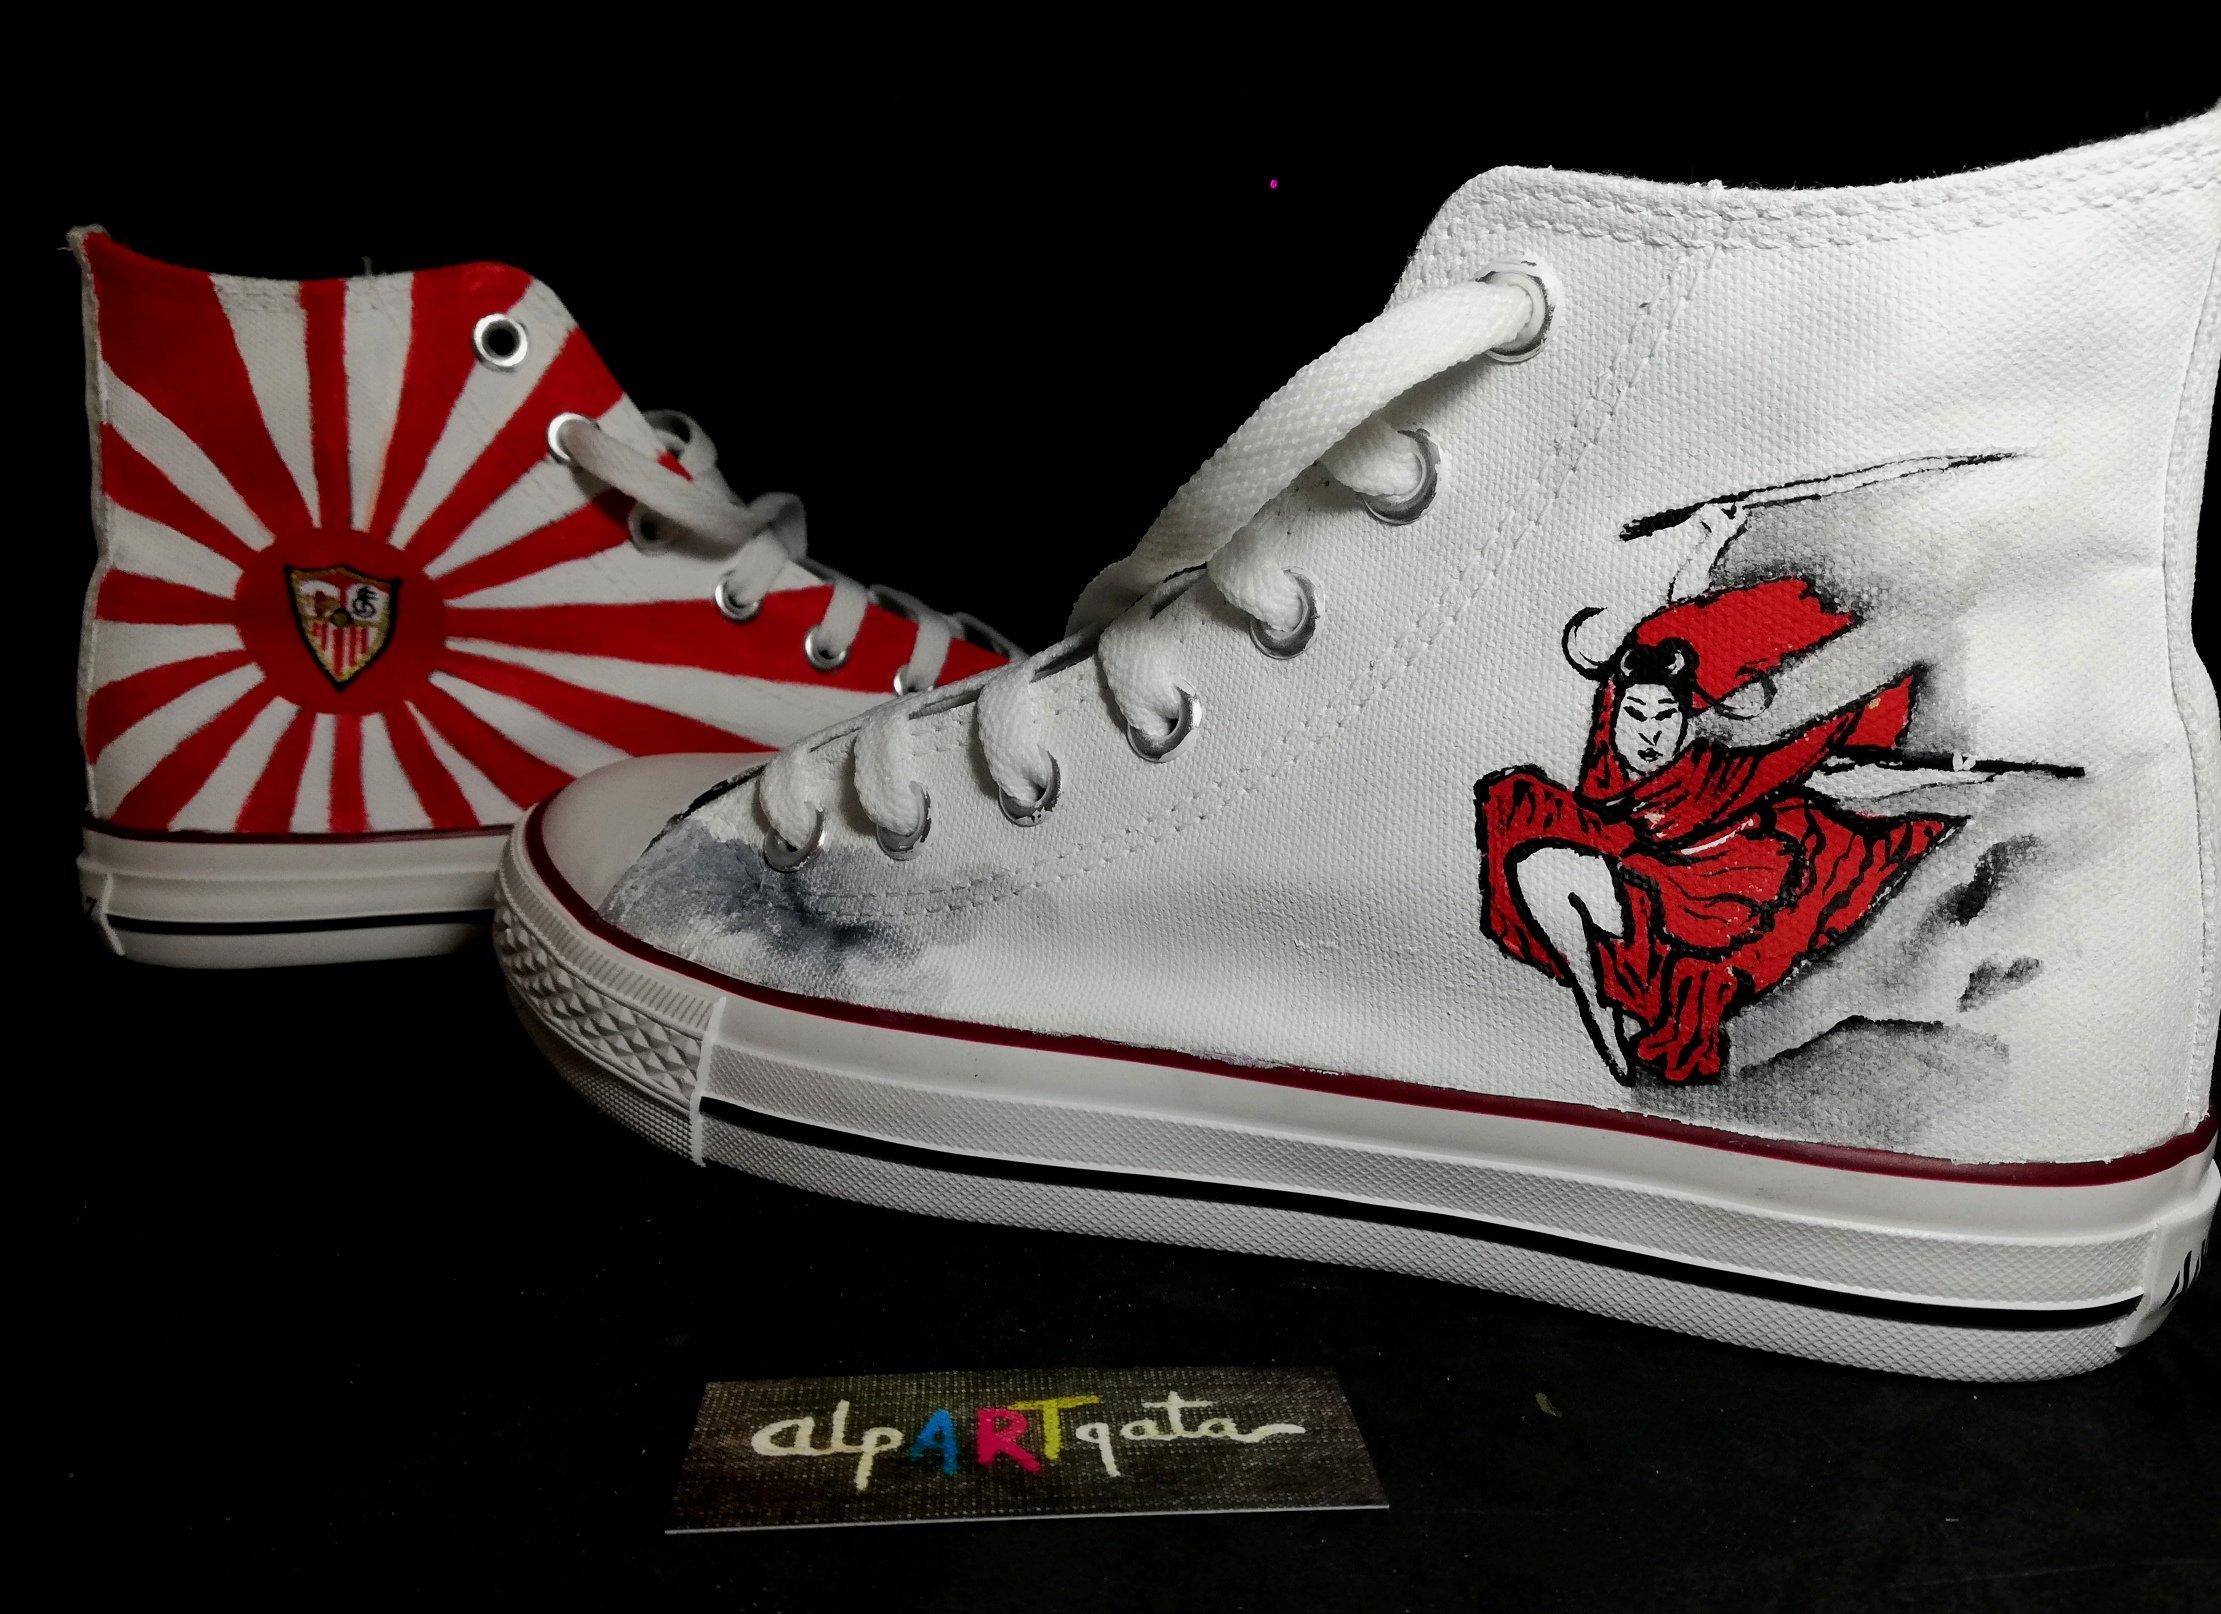 wpid-zapatillas-personalizadas-pintadas-alpartgata-japon6597548194791841123.jpg